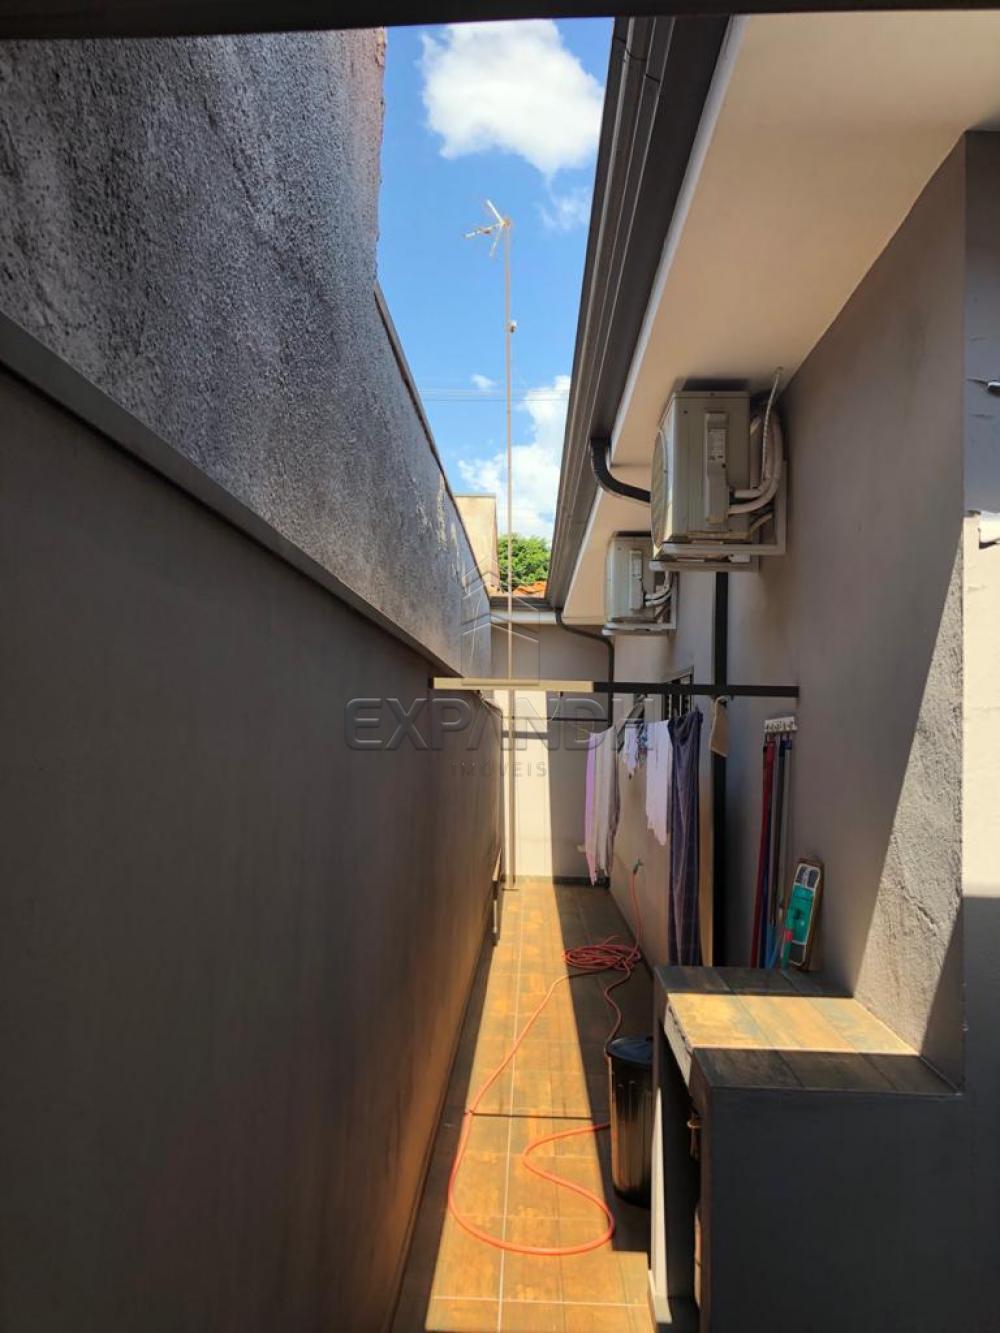 Comprar Casas / Padrão em Sertãozinho R$ 380.000,00 - Foto 22